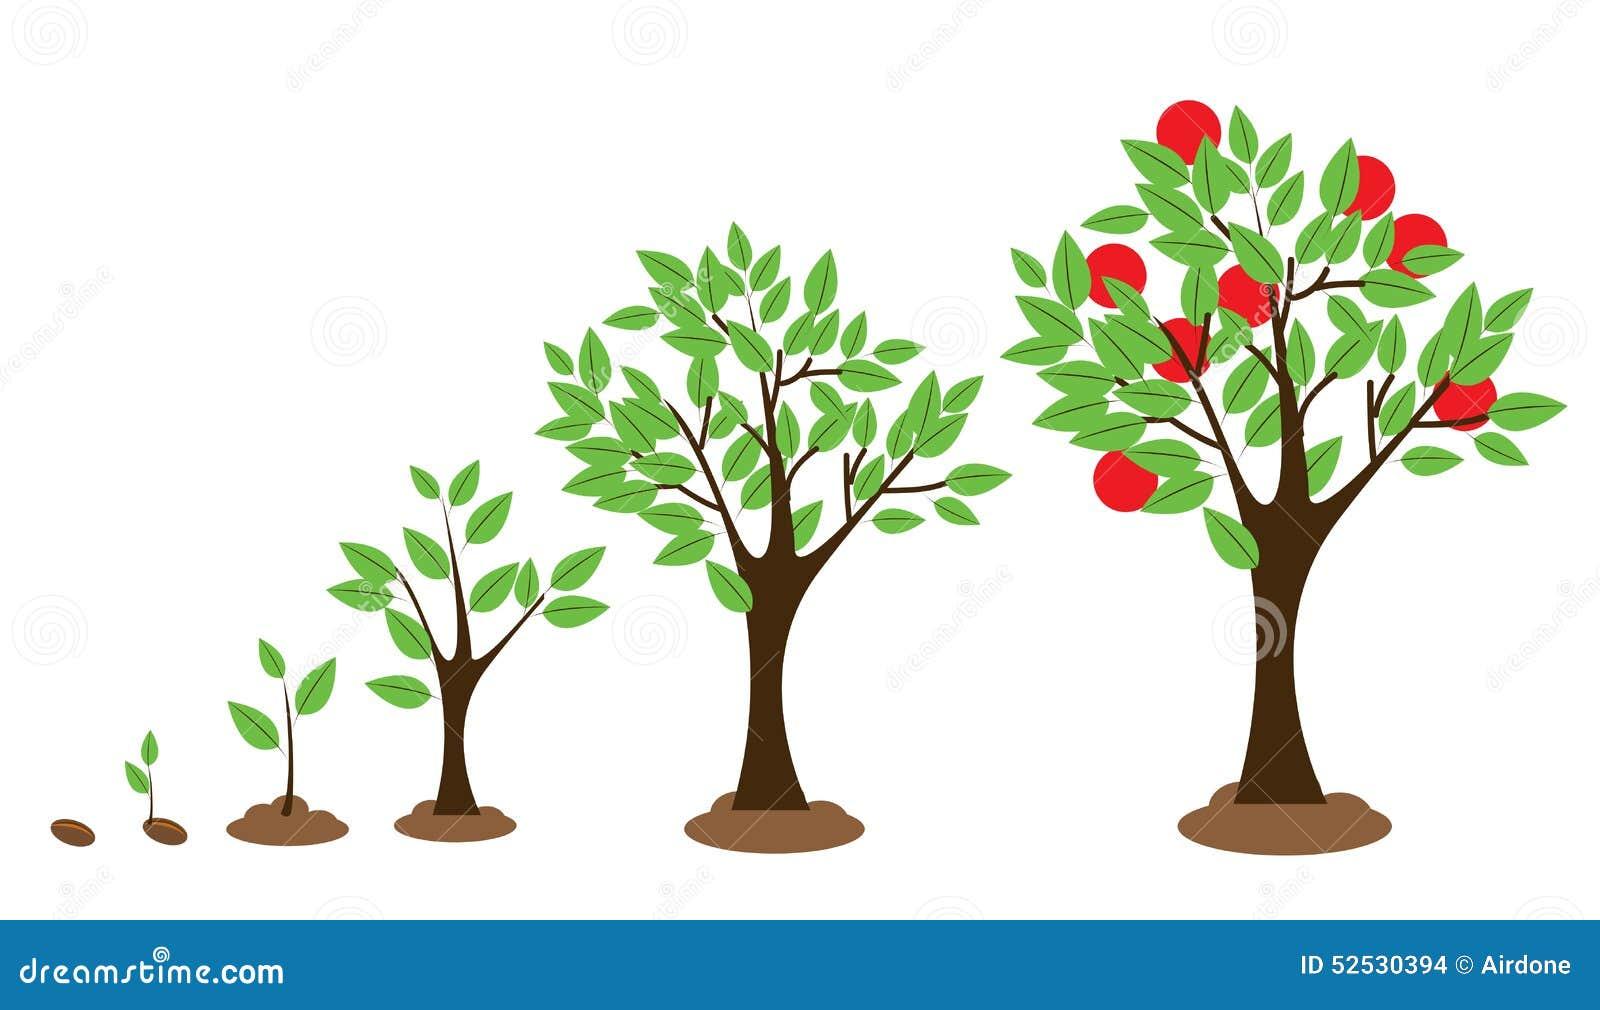 Croissance d 39 arbre illustration de vecteur image 52530394 for Arbre d ombrage croissance rapide